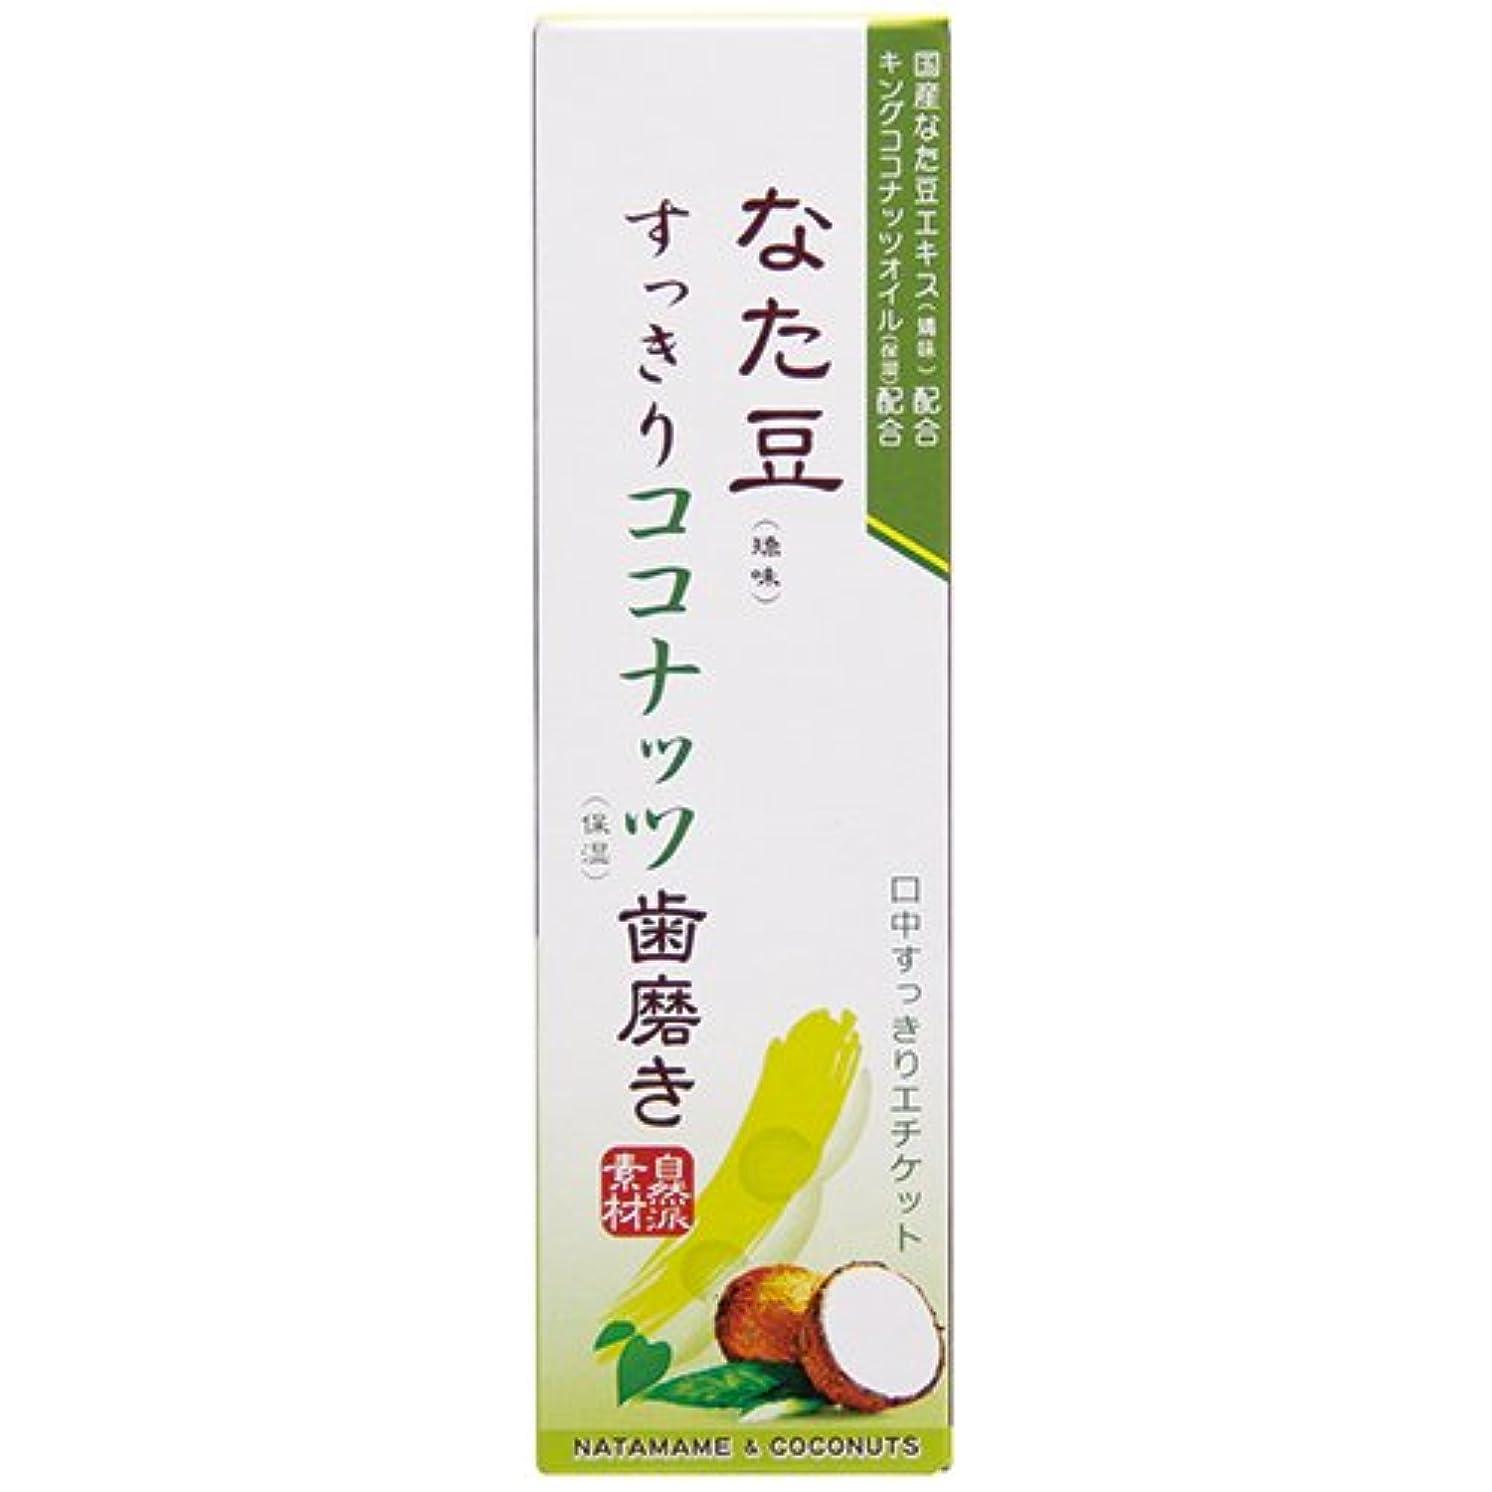 マットレスクラシカルライドなた豆すっきりココナッツ歯磨き粉 120g